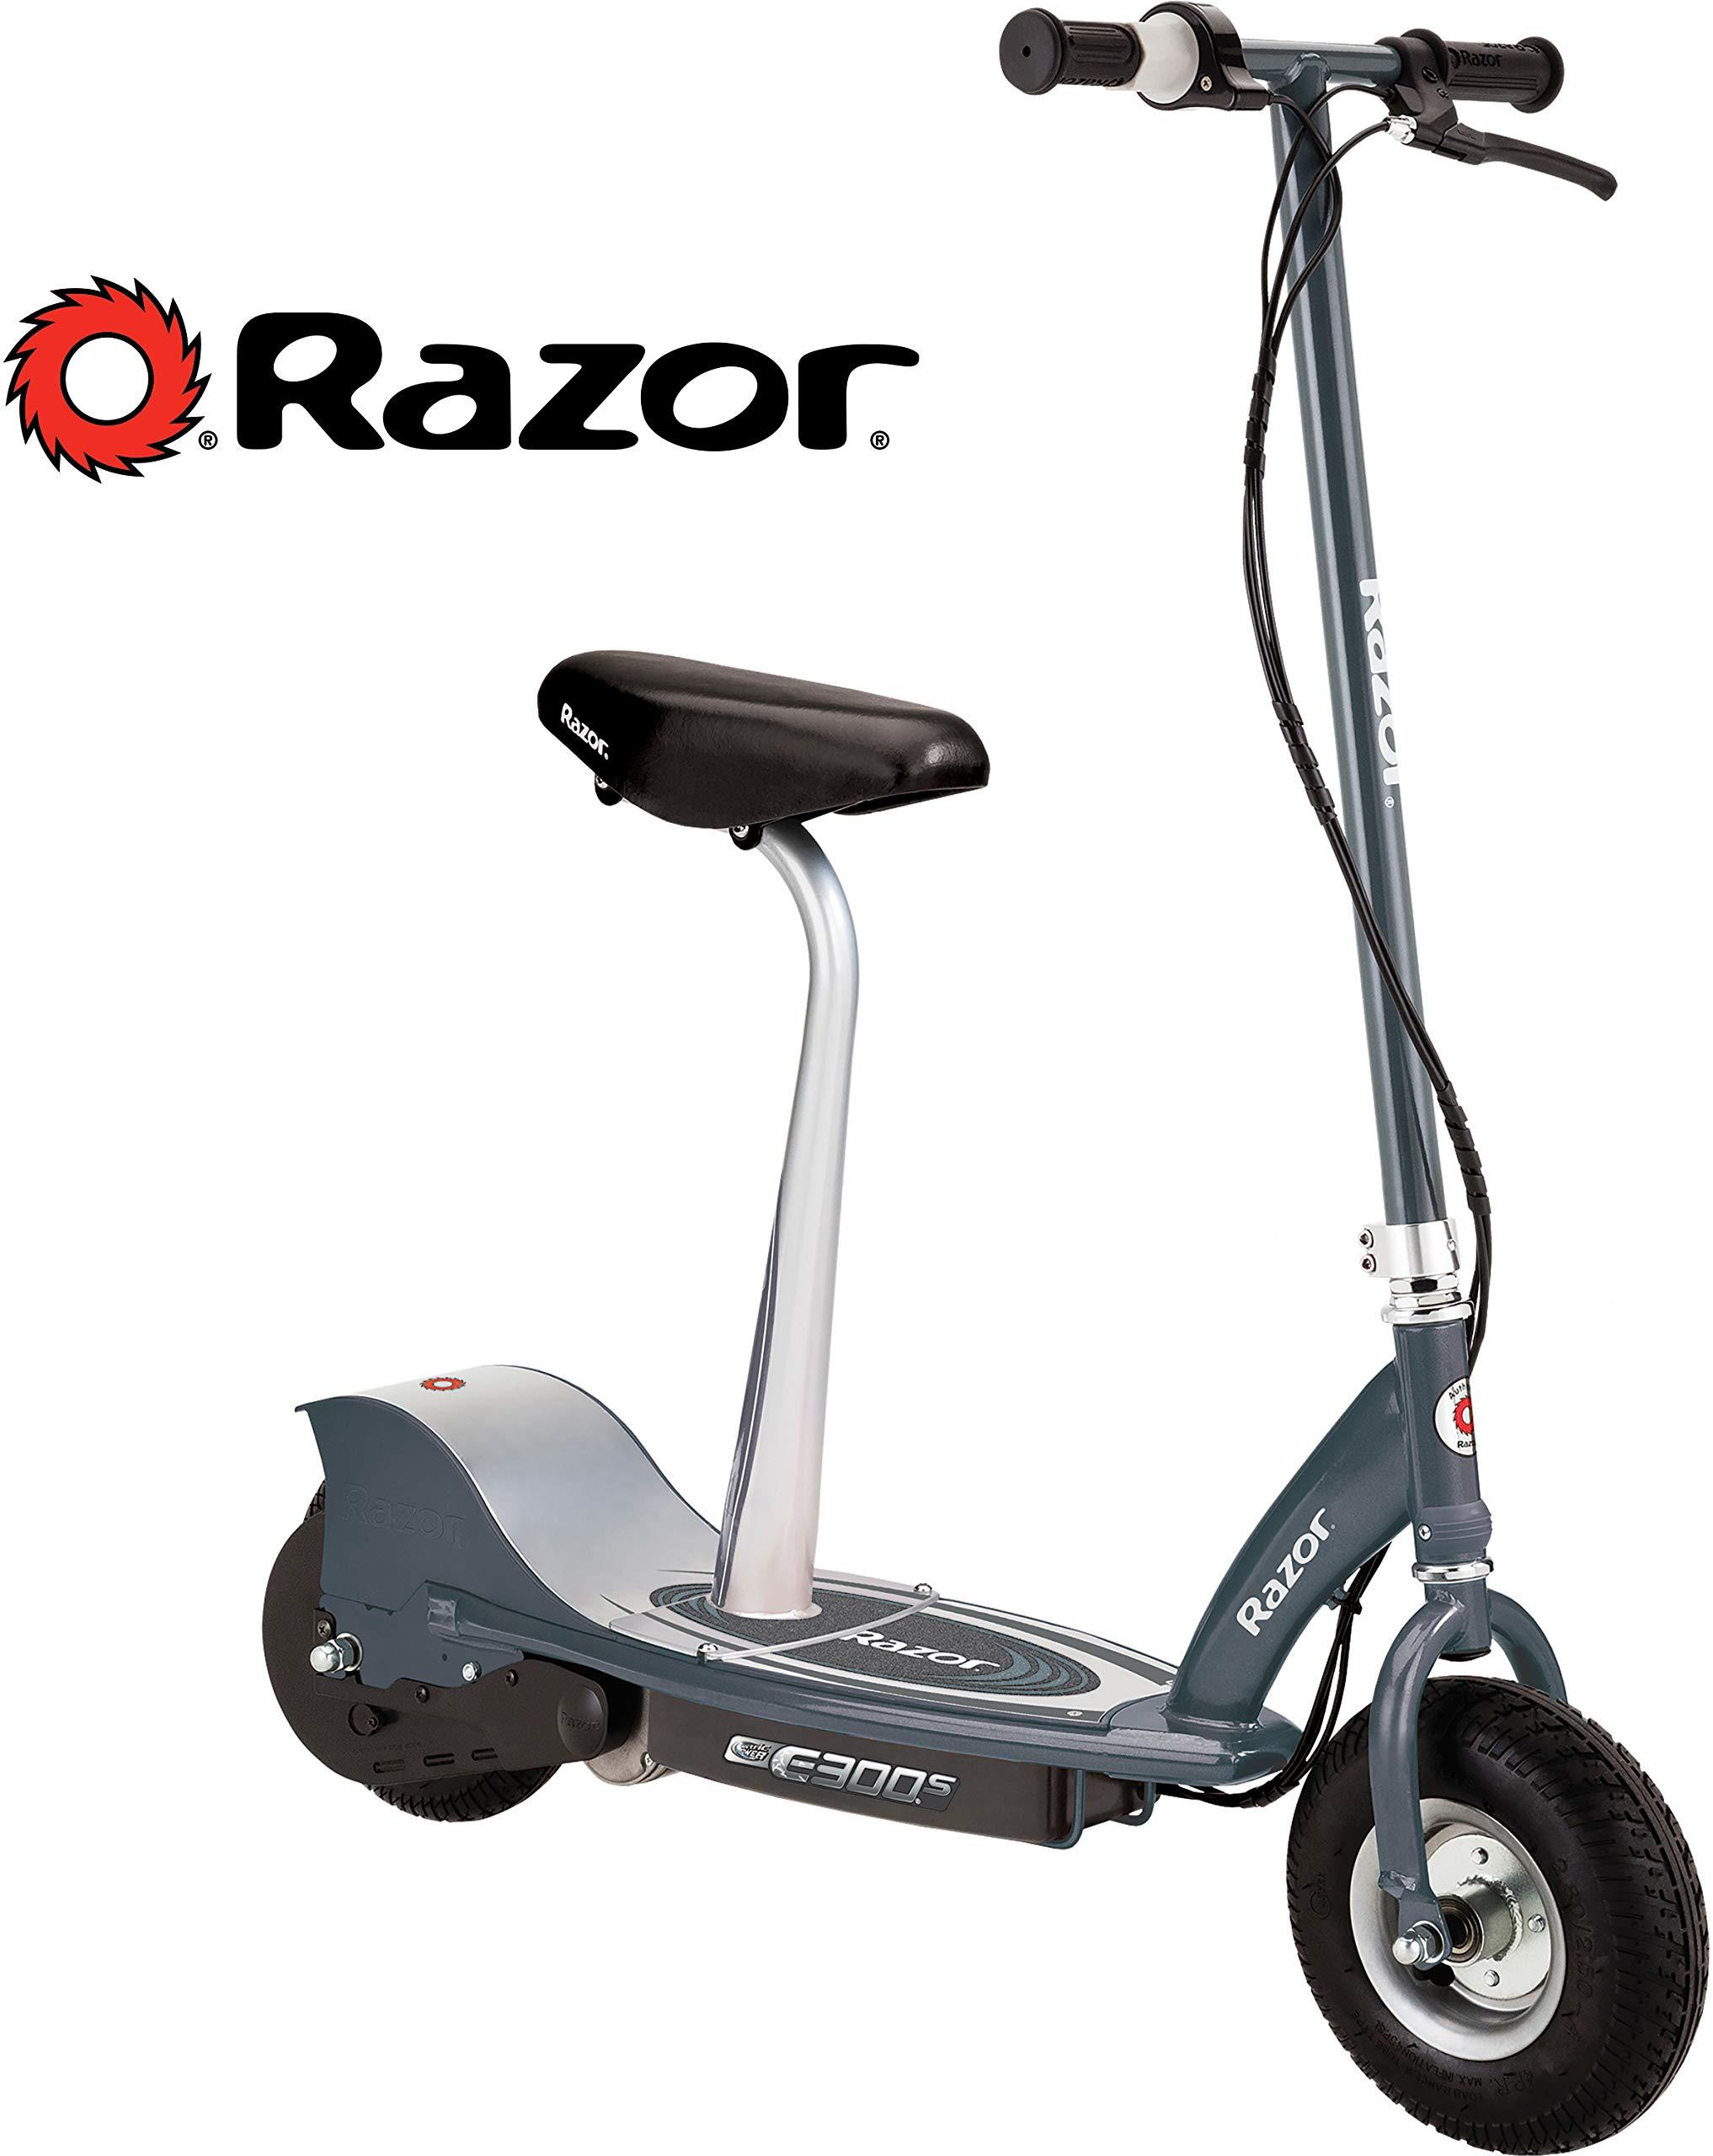 Razor E300S Seated Electric Scooter - Matte Gray by Razor